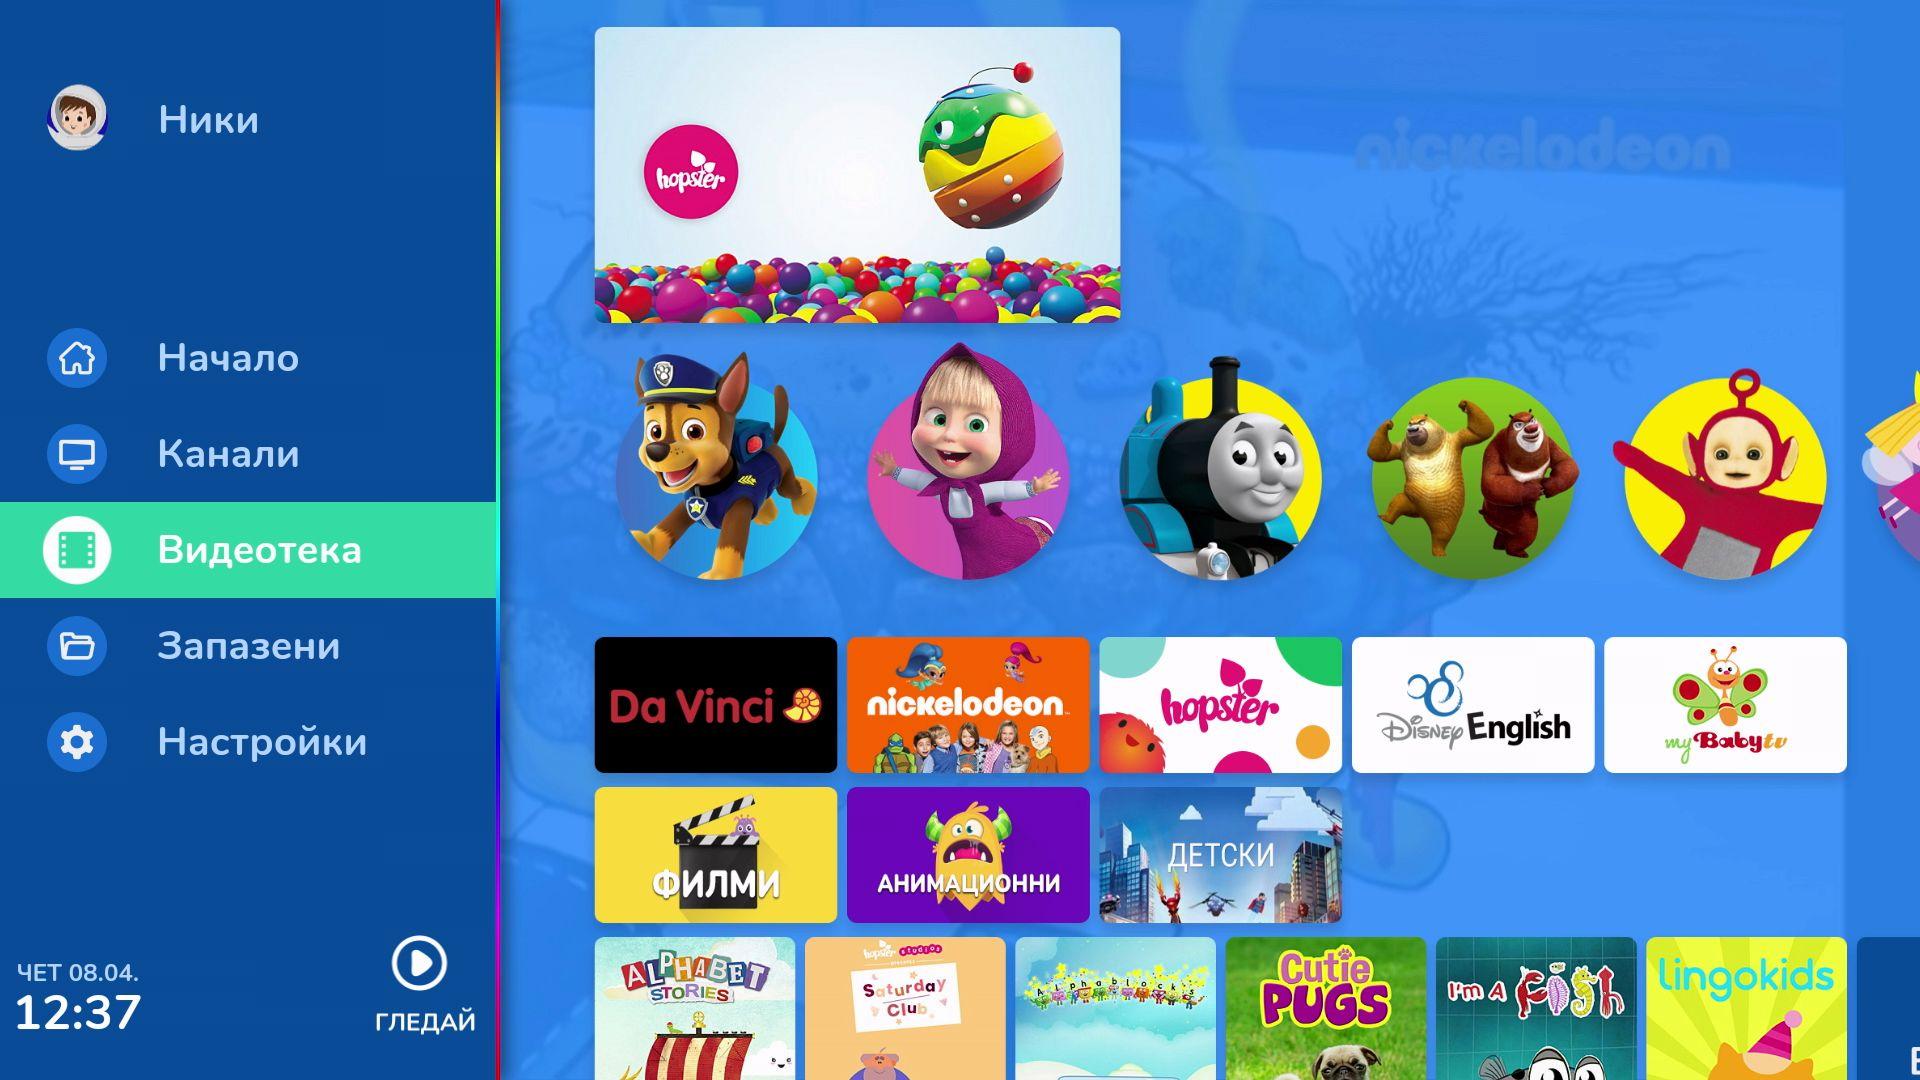 В EON Kids има изключително богато съдържание за деца, достъпно от телевизор, таблет, смартфон или компютър